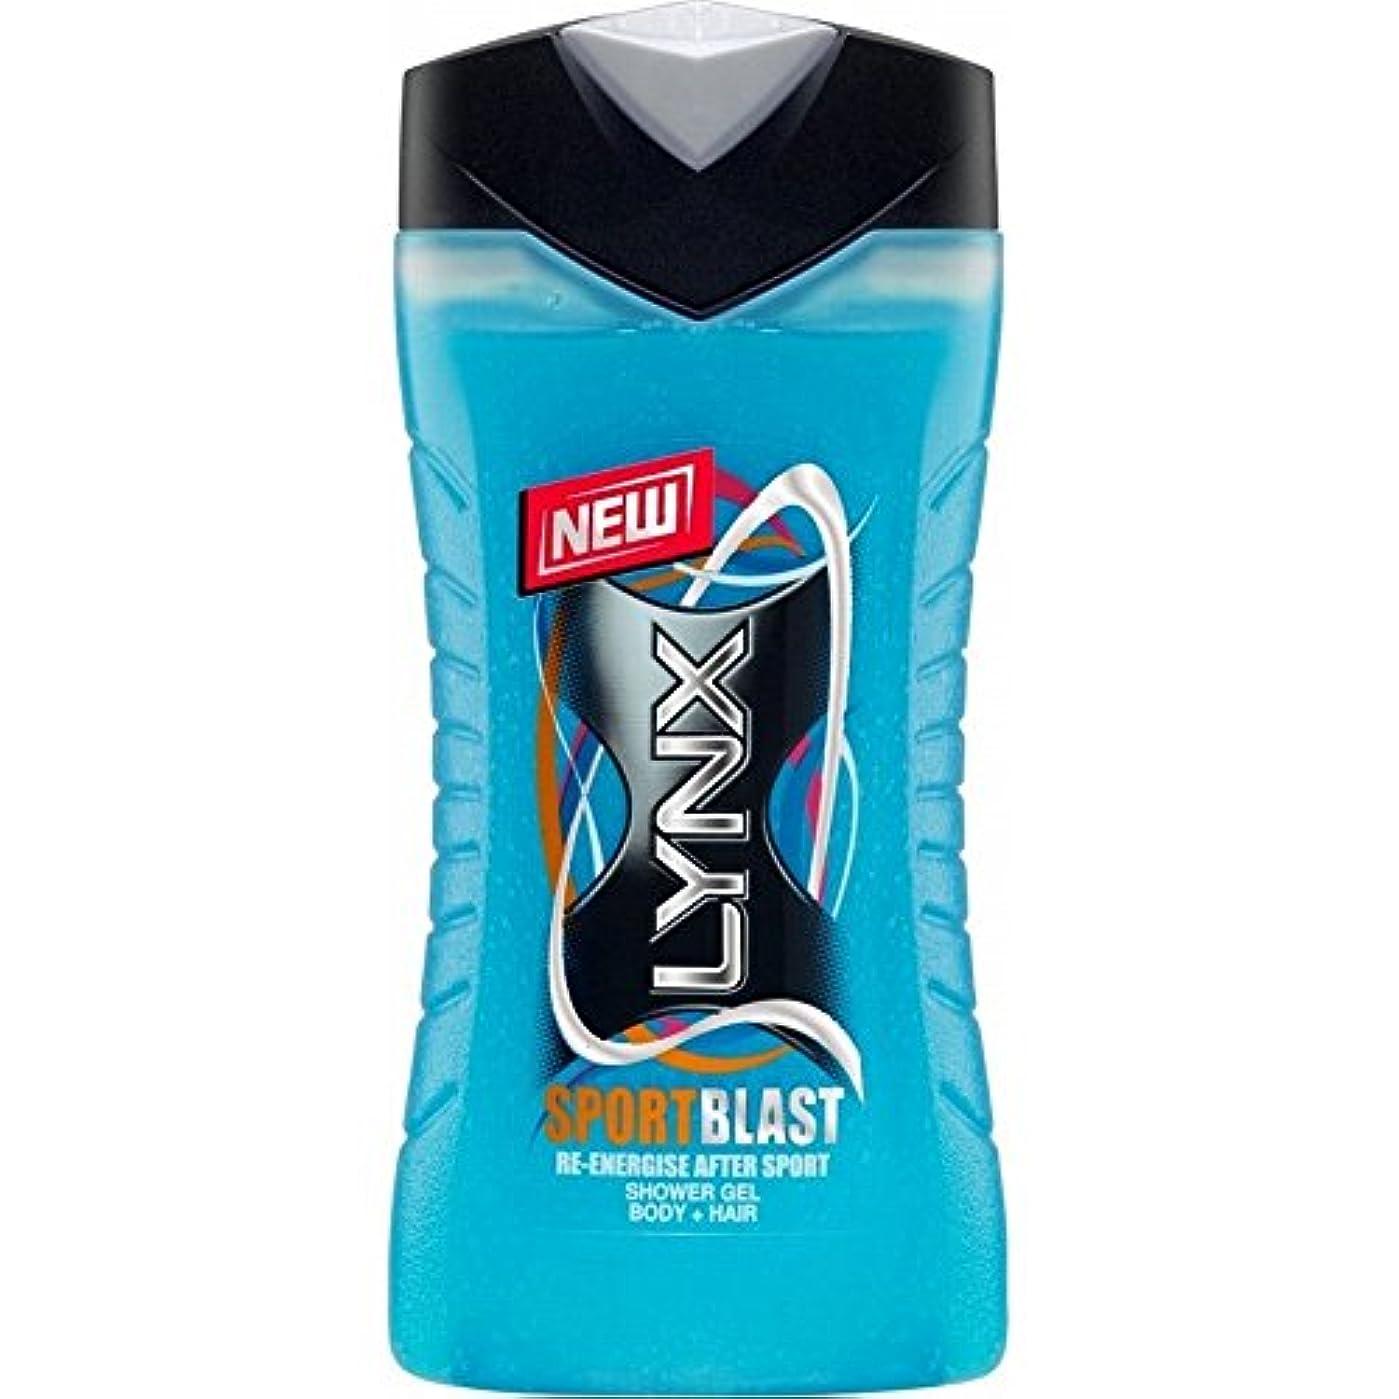 ラインナップ泳ぐ滅びるLynx Body & Hair Shower Gel - Sport Blast (250ml) オオヤマネコボディ、ヘアシャワージェル - スポーツブラスト( 250ミリリットル) [並行輸入品]